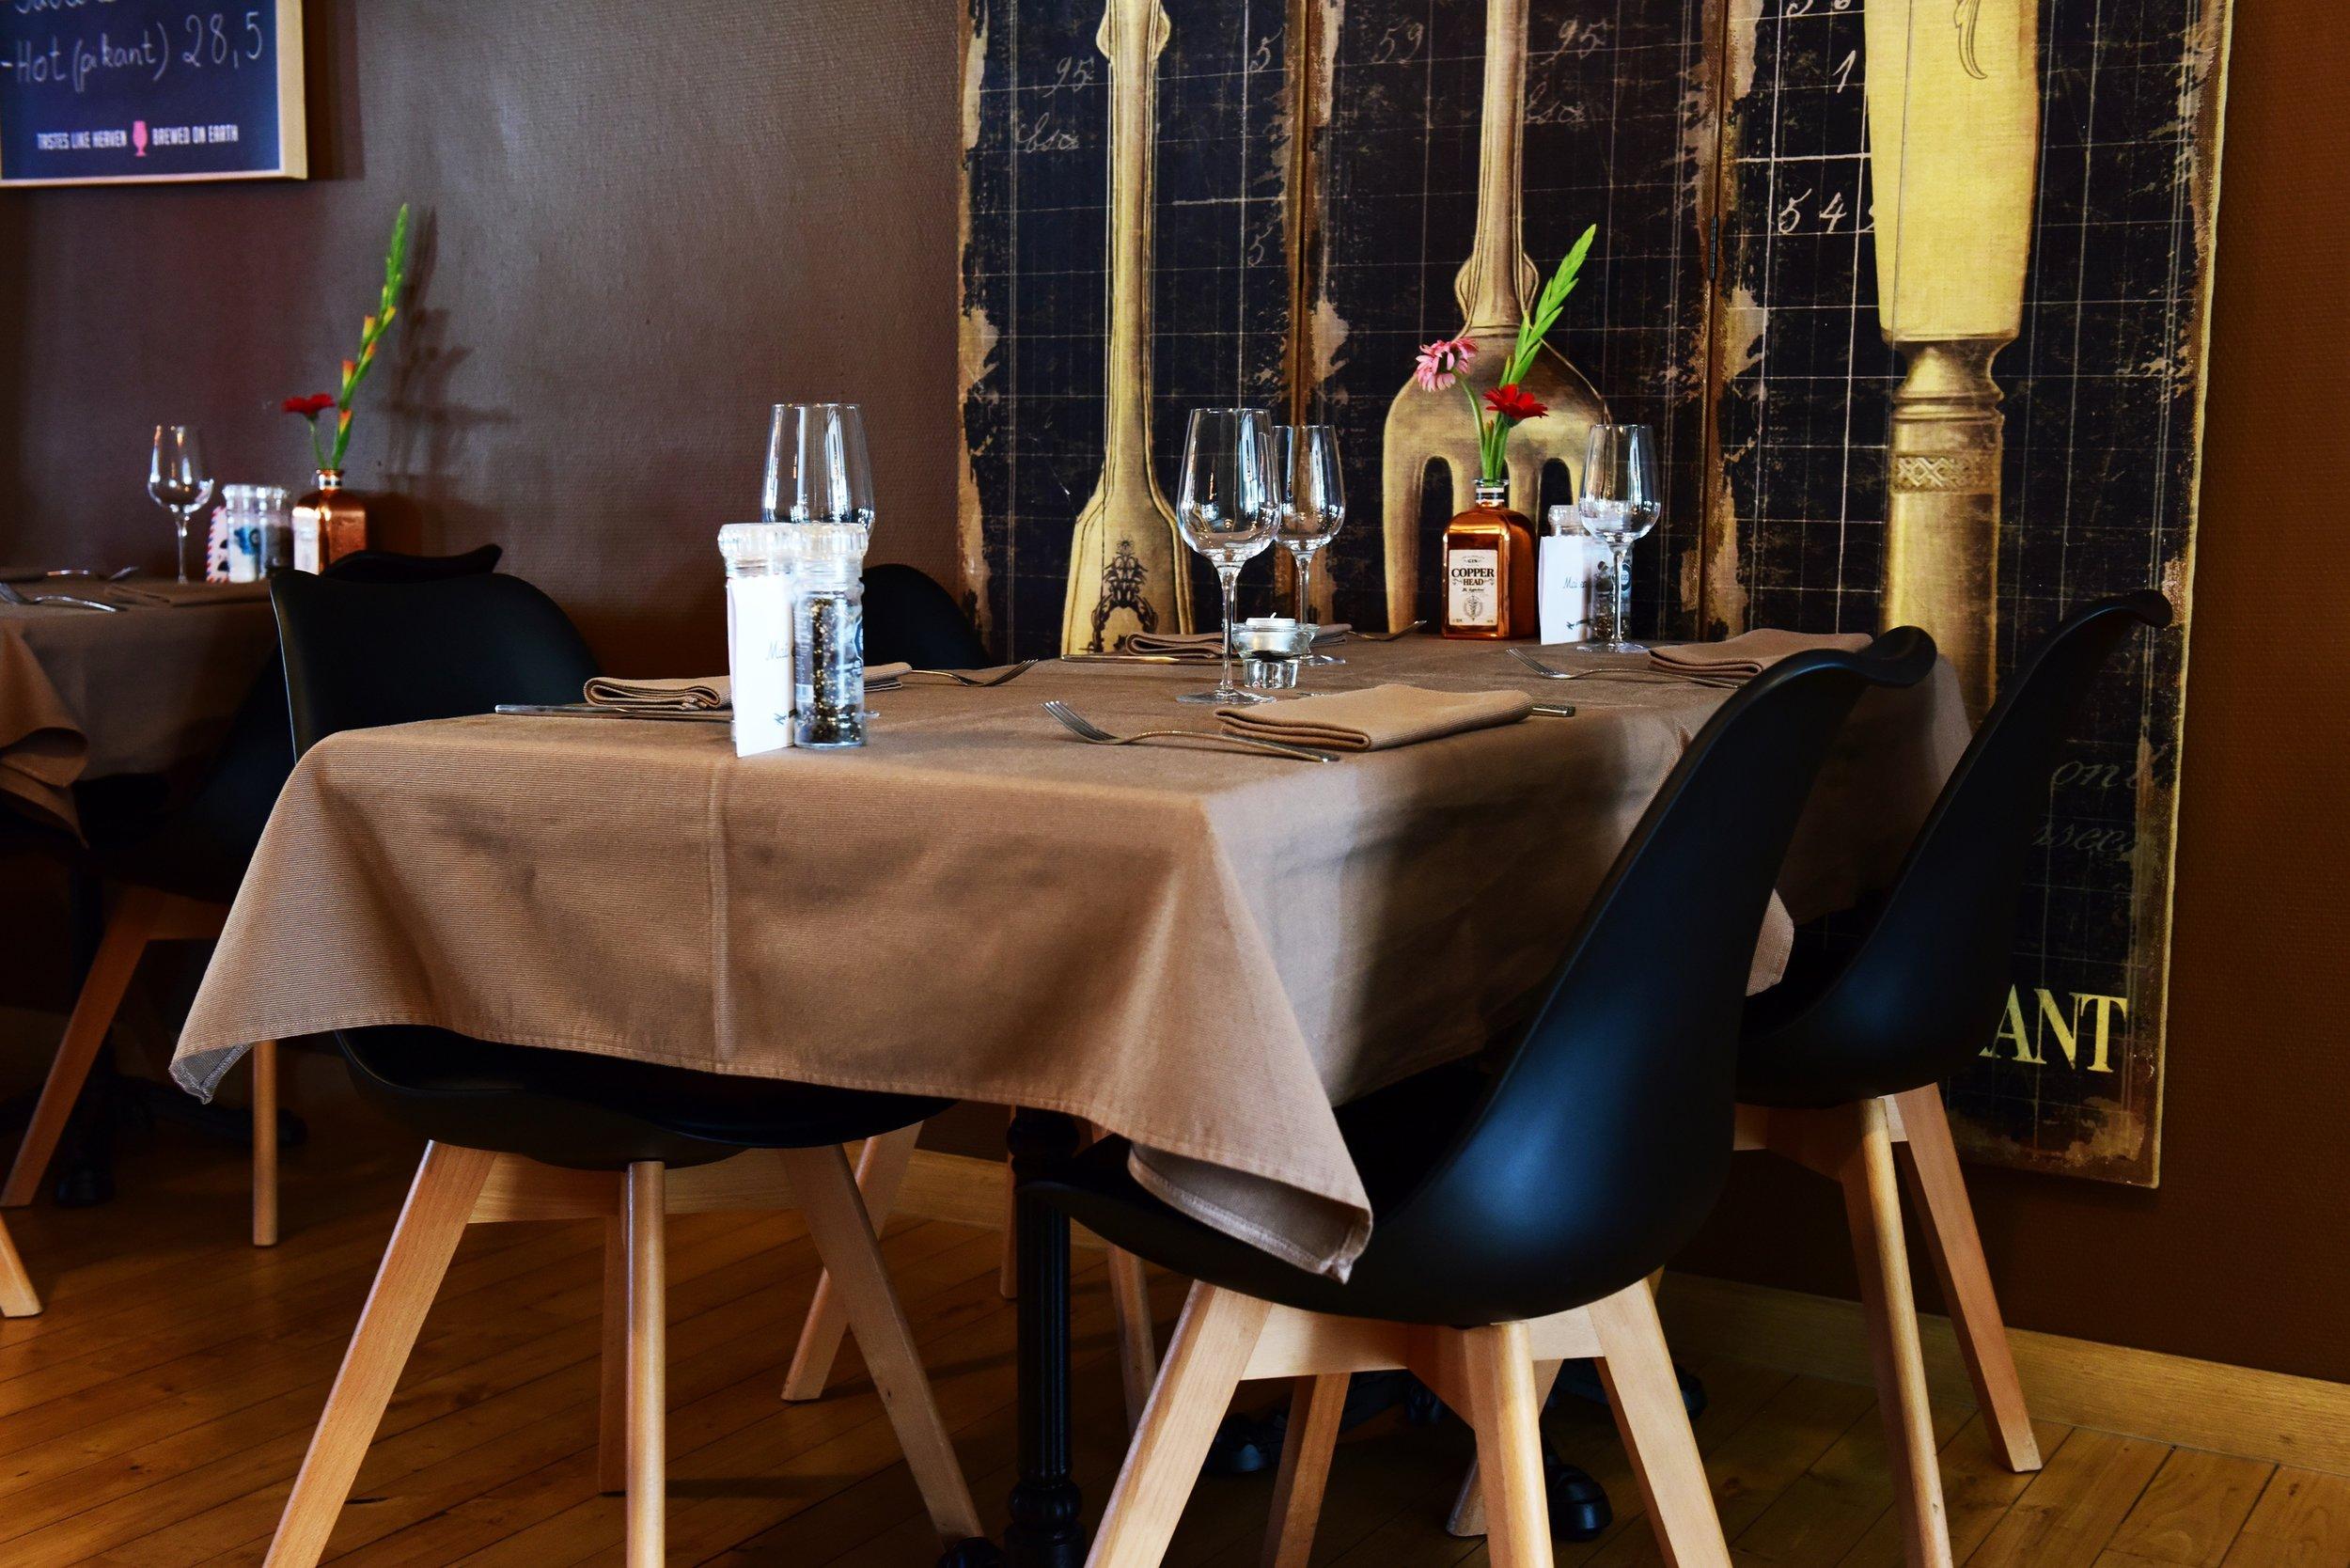 3 restaurant sable 2 grembergen dendermonde bart albrecht tablefever.jpg